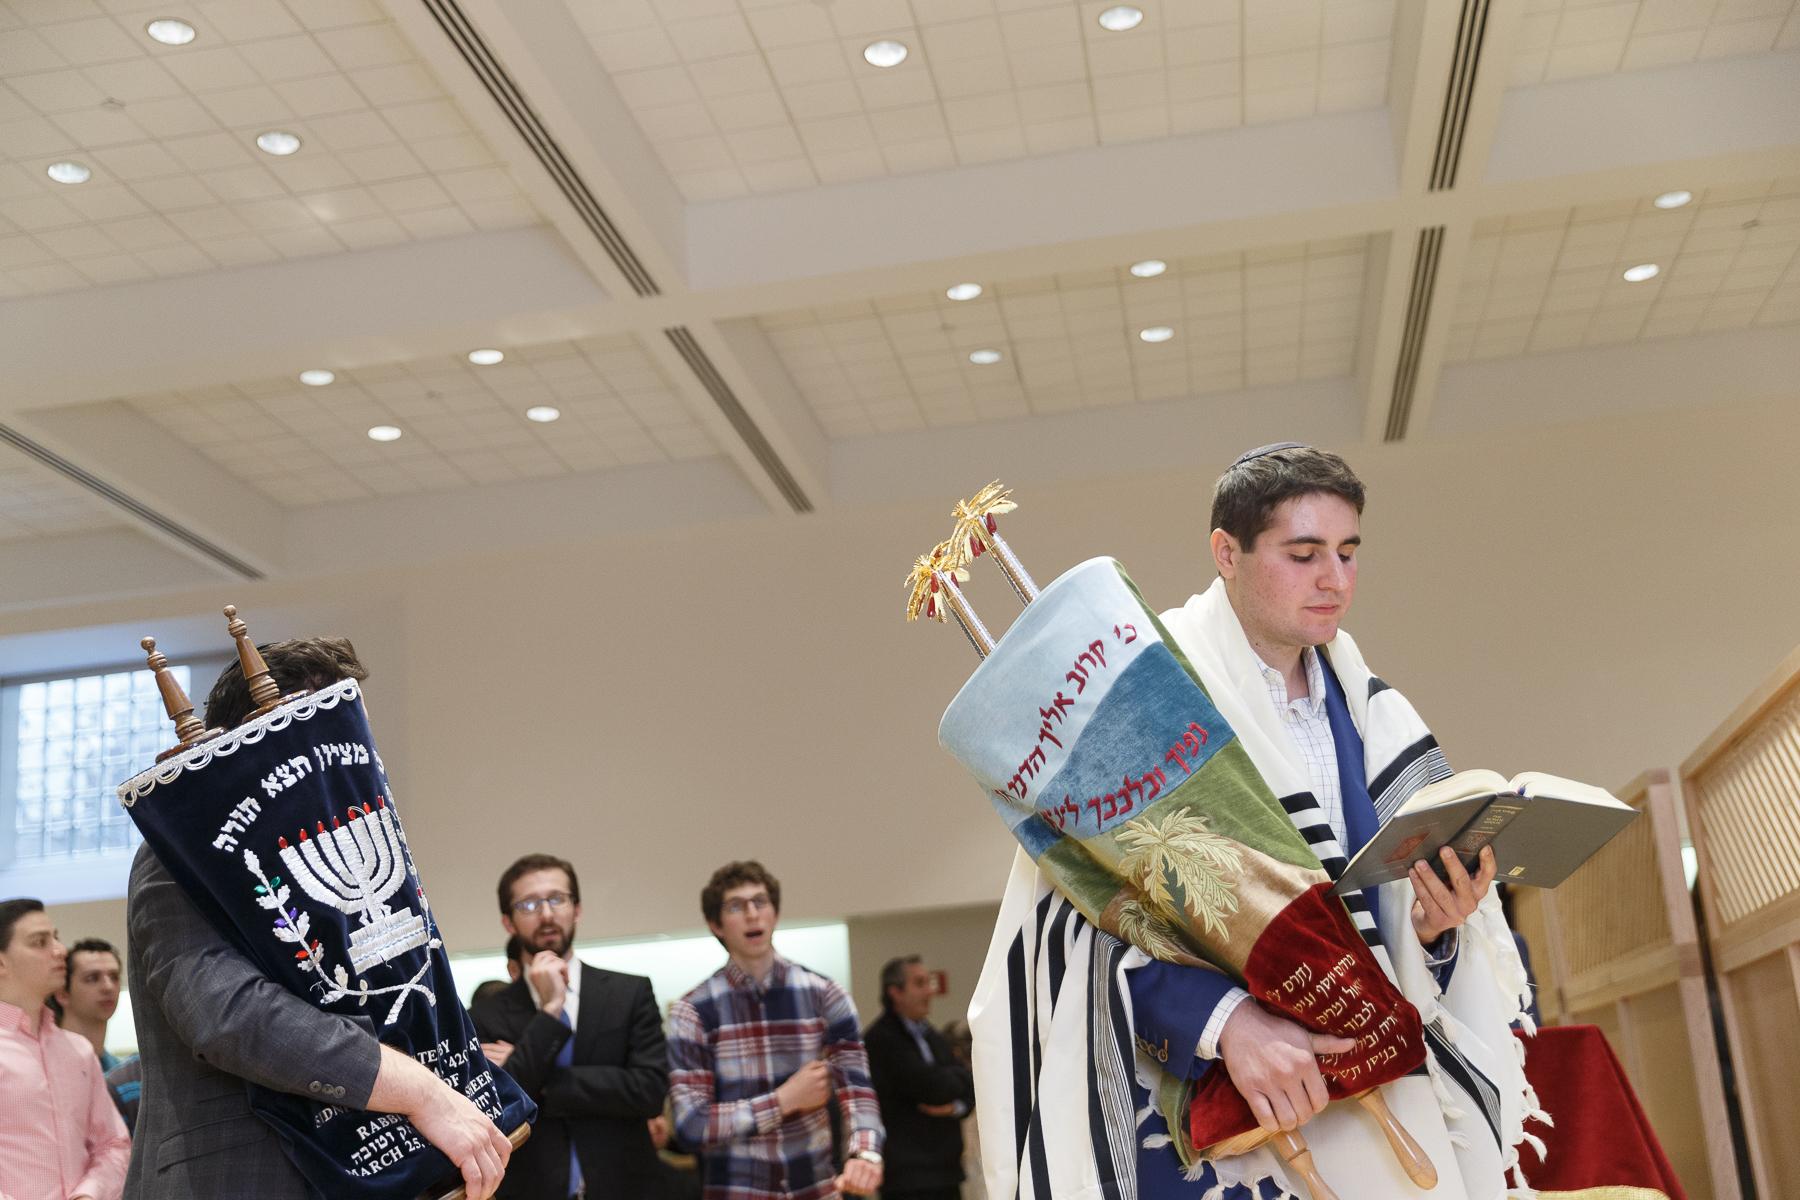 New Torah Ceremony_  Jonathan Heisler  _ _422017 _ 499.jpg